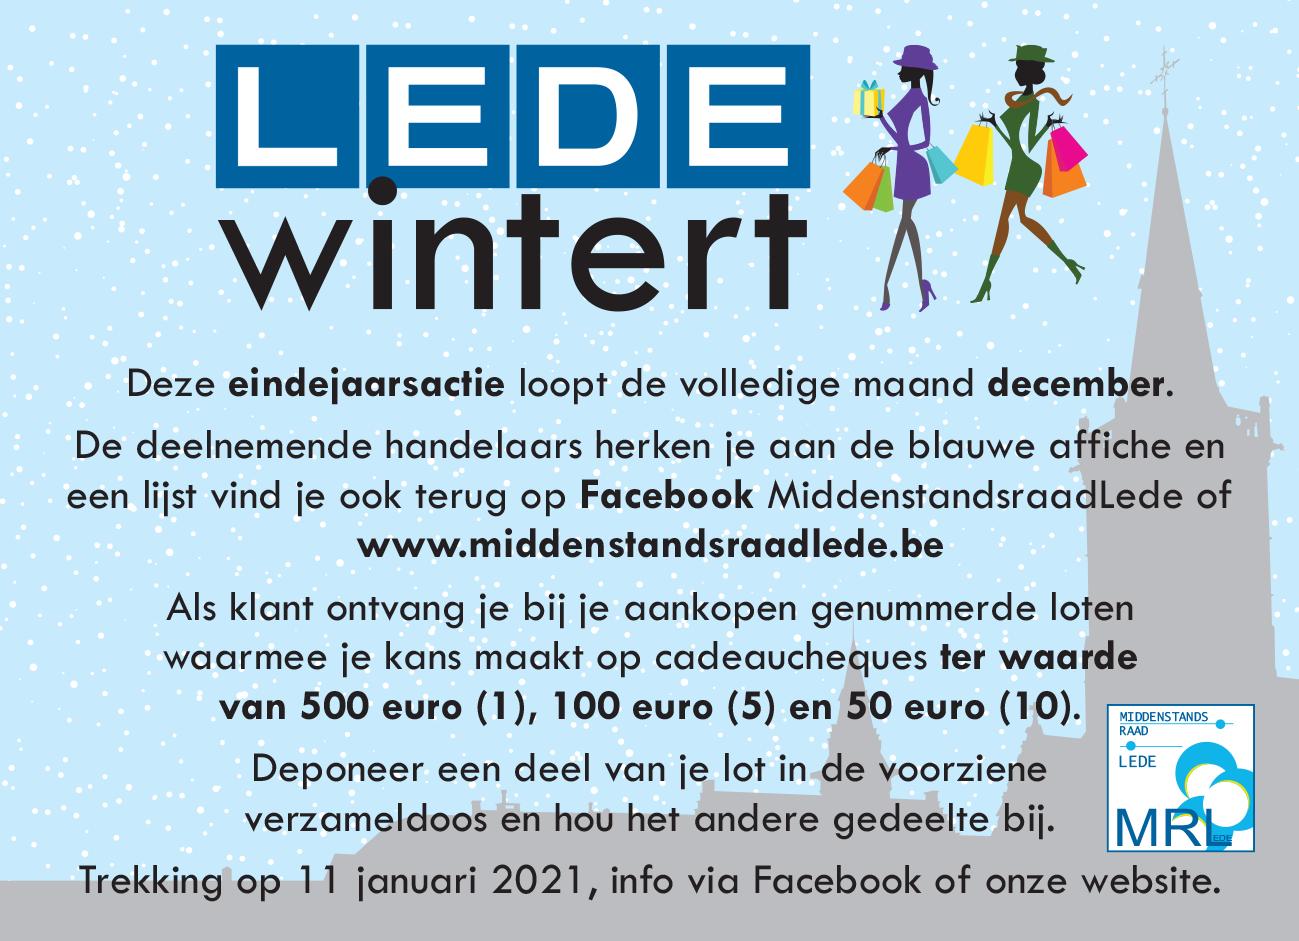 Lede Wintert